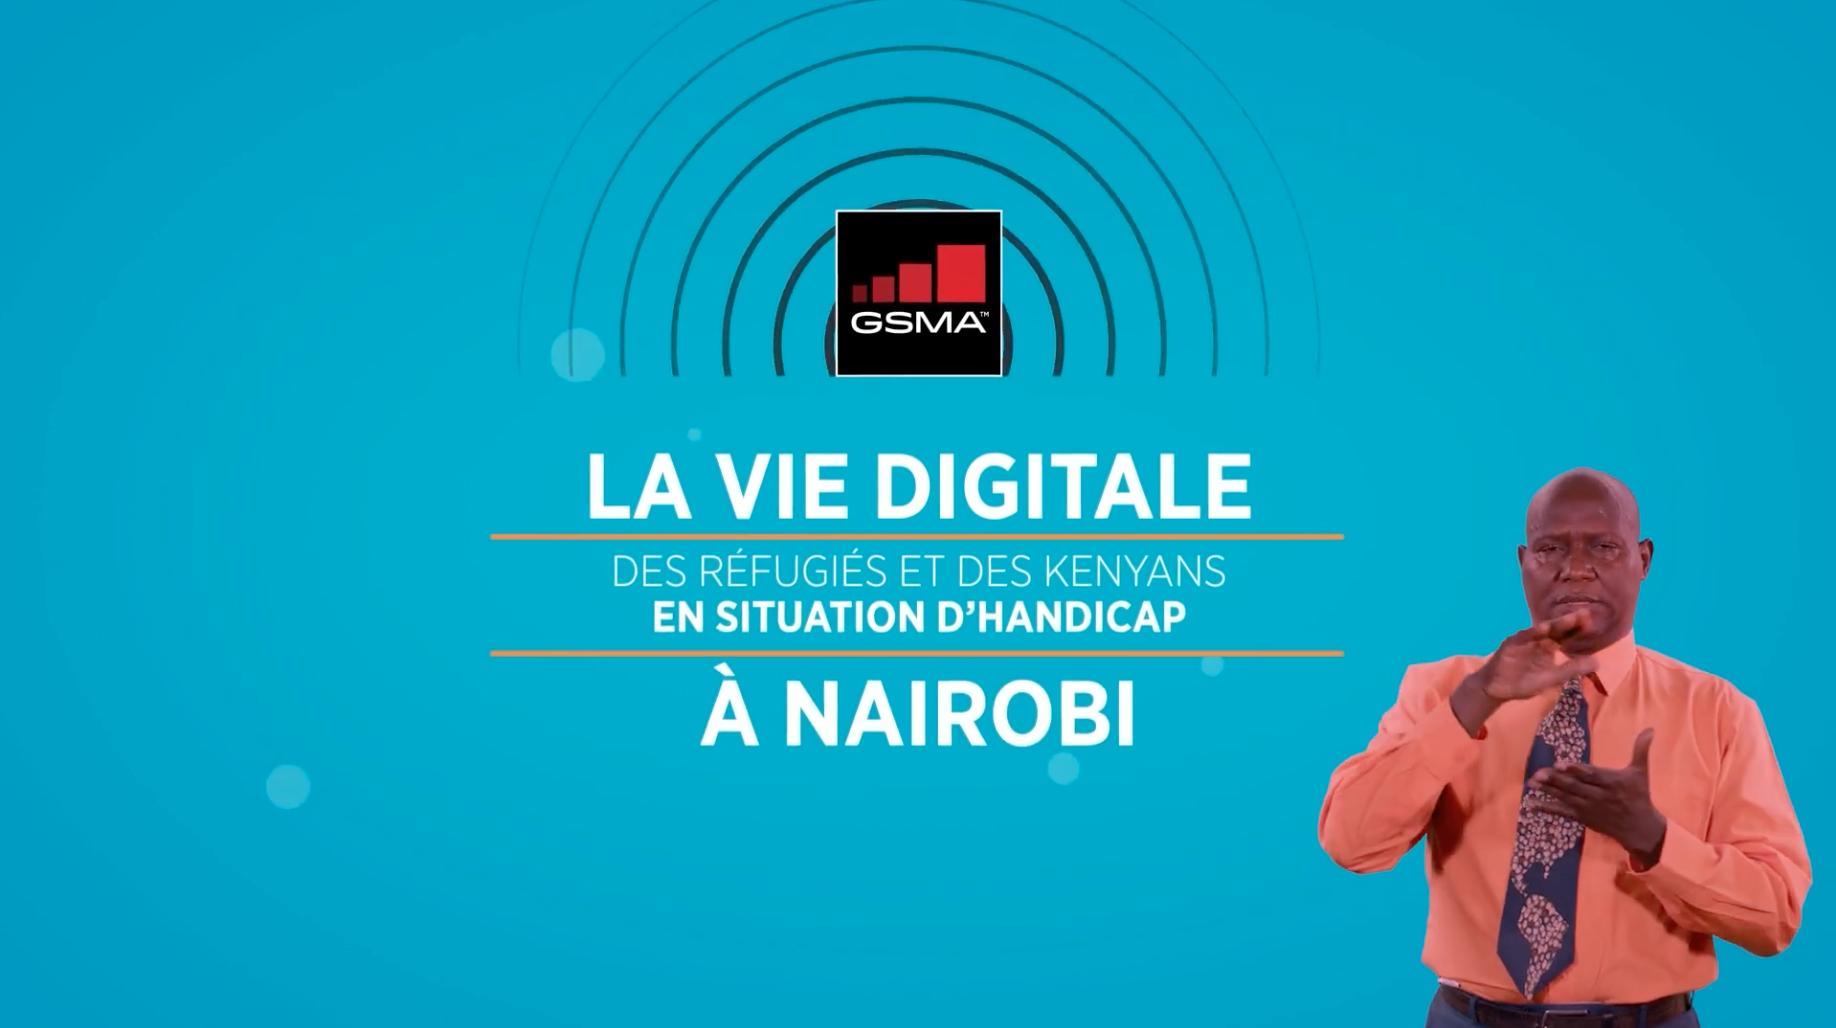 Screen of video title screen in French. Text reads: La vie digitale des réfugiés et des Kenyans en situation d'handicap à Nairobi